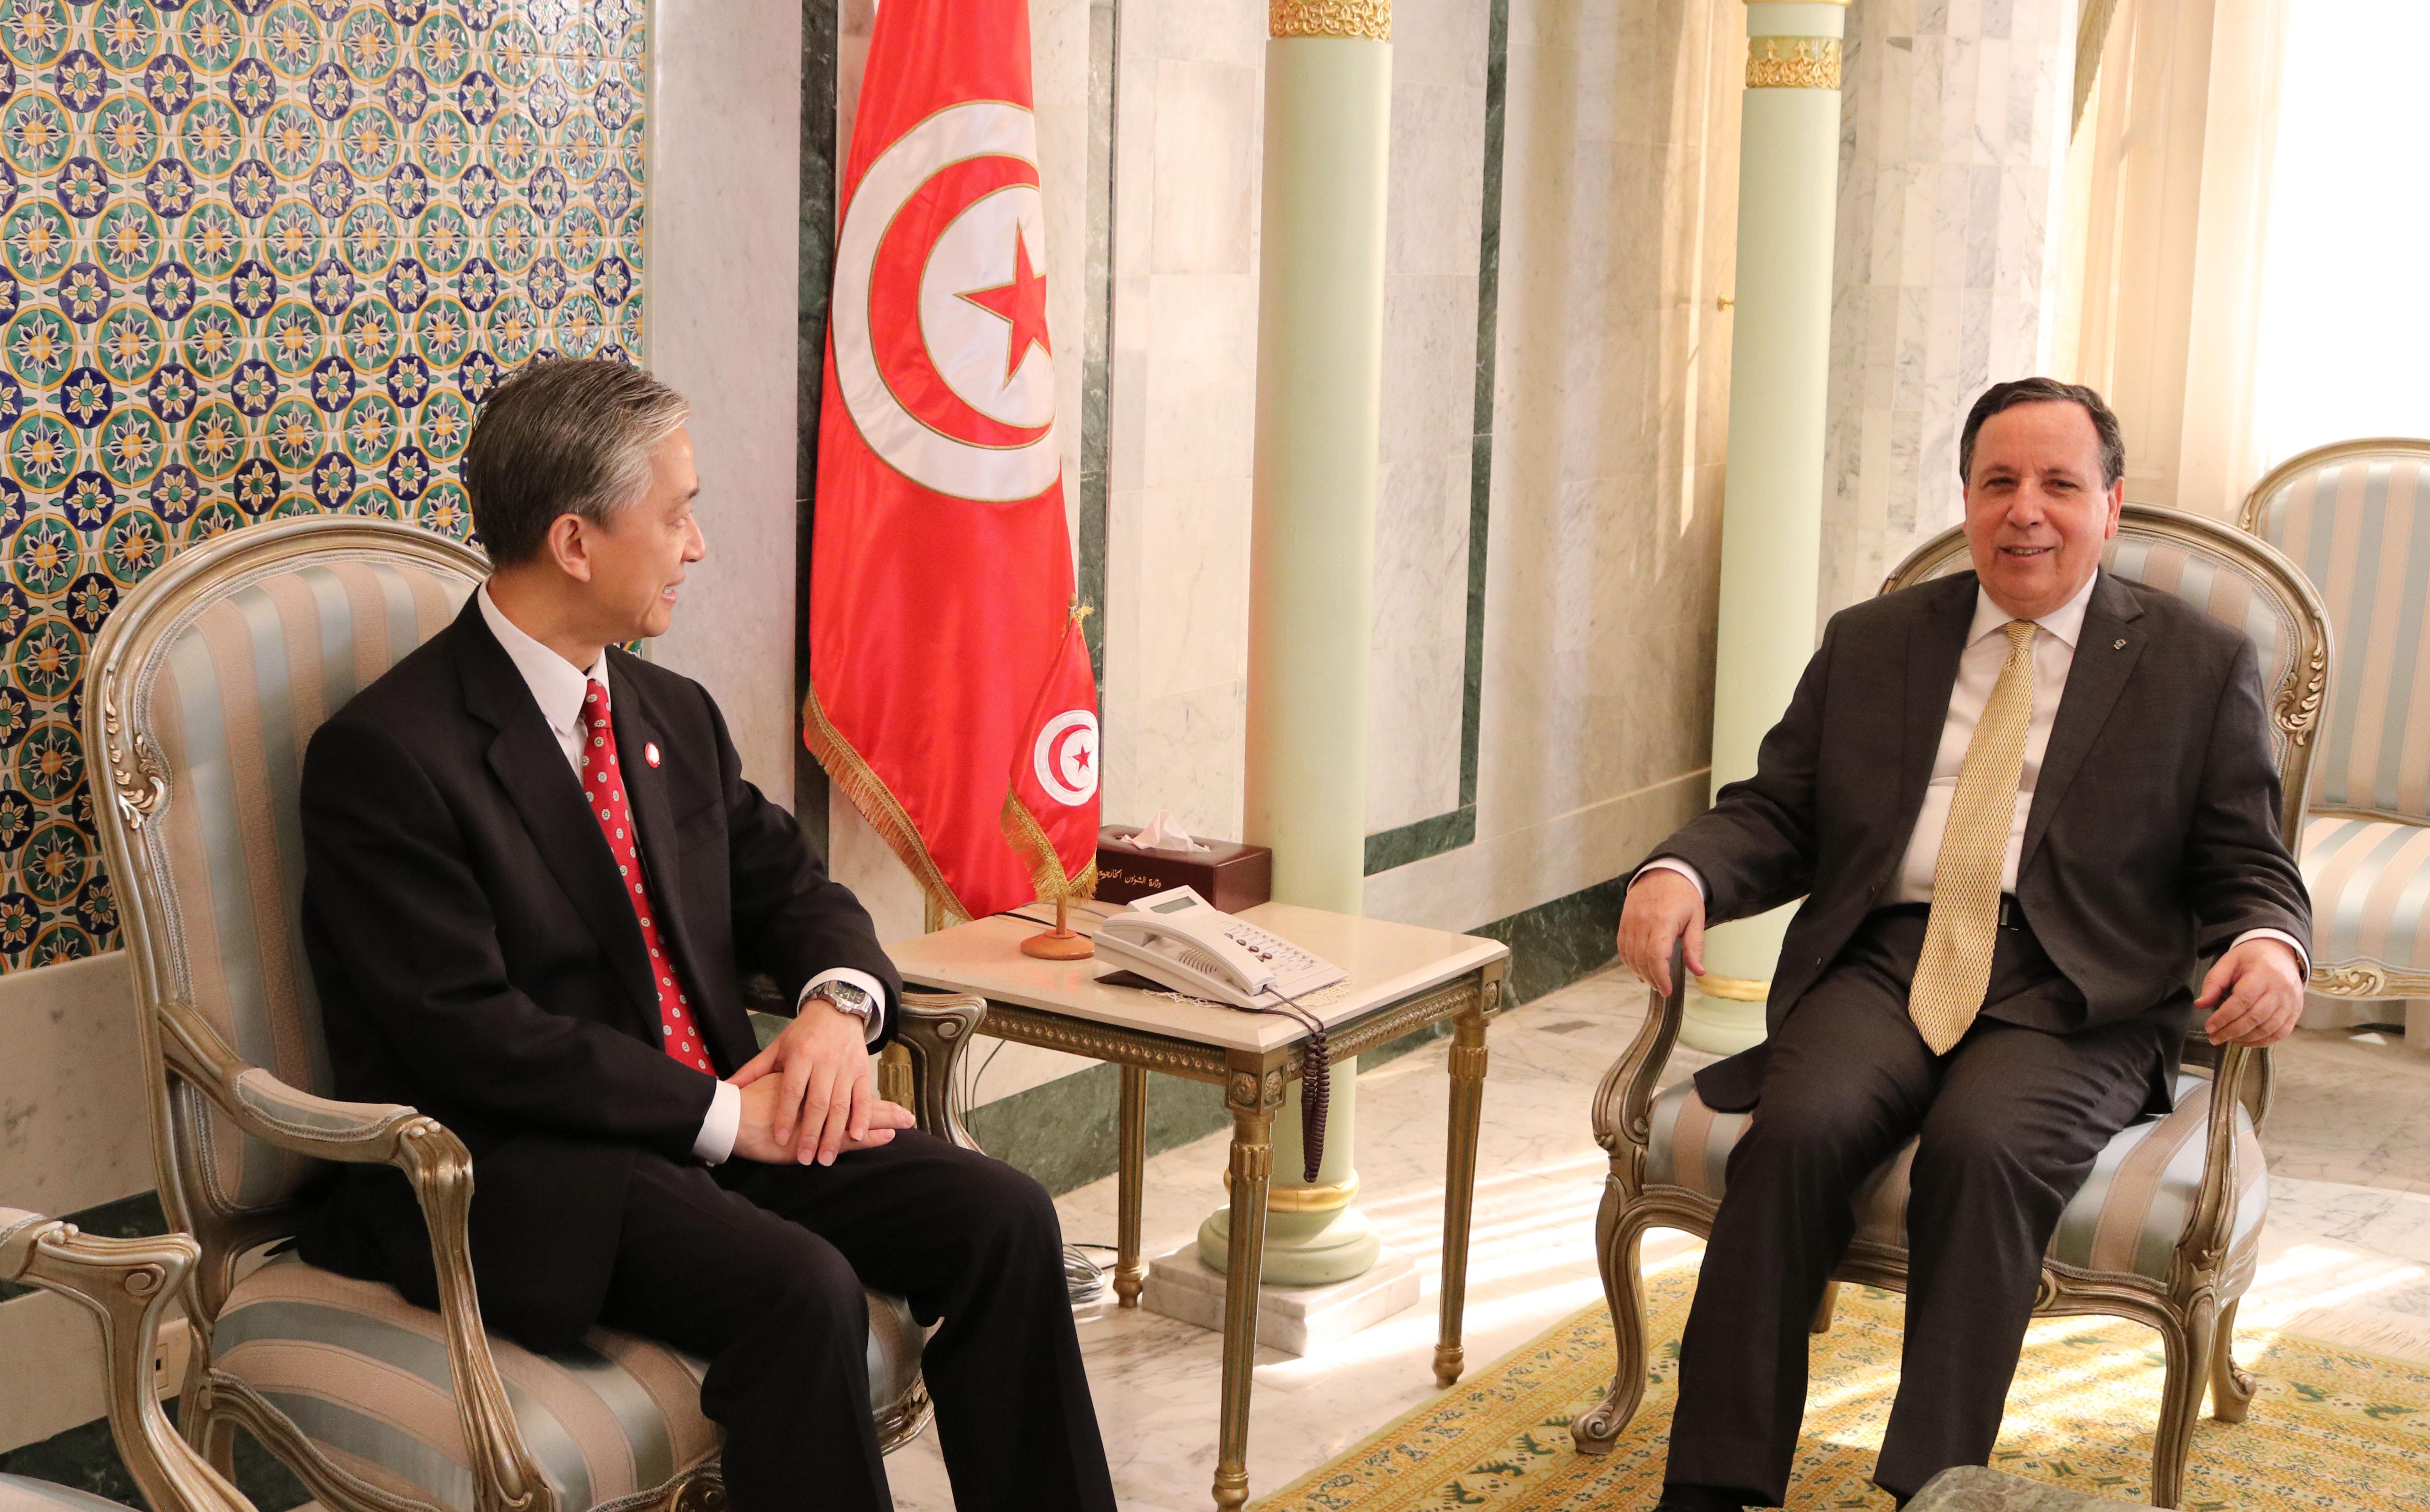 وزير الشؤون الخارجية يستقبل سفير الصين بتونس: